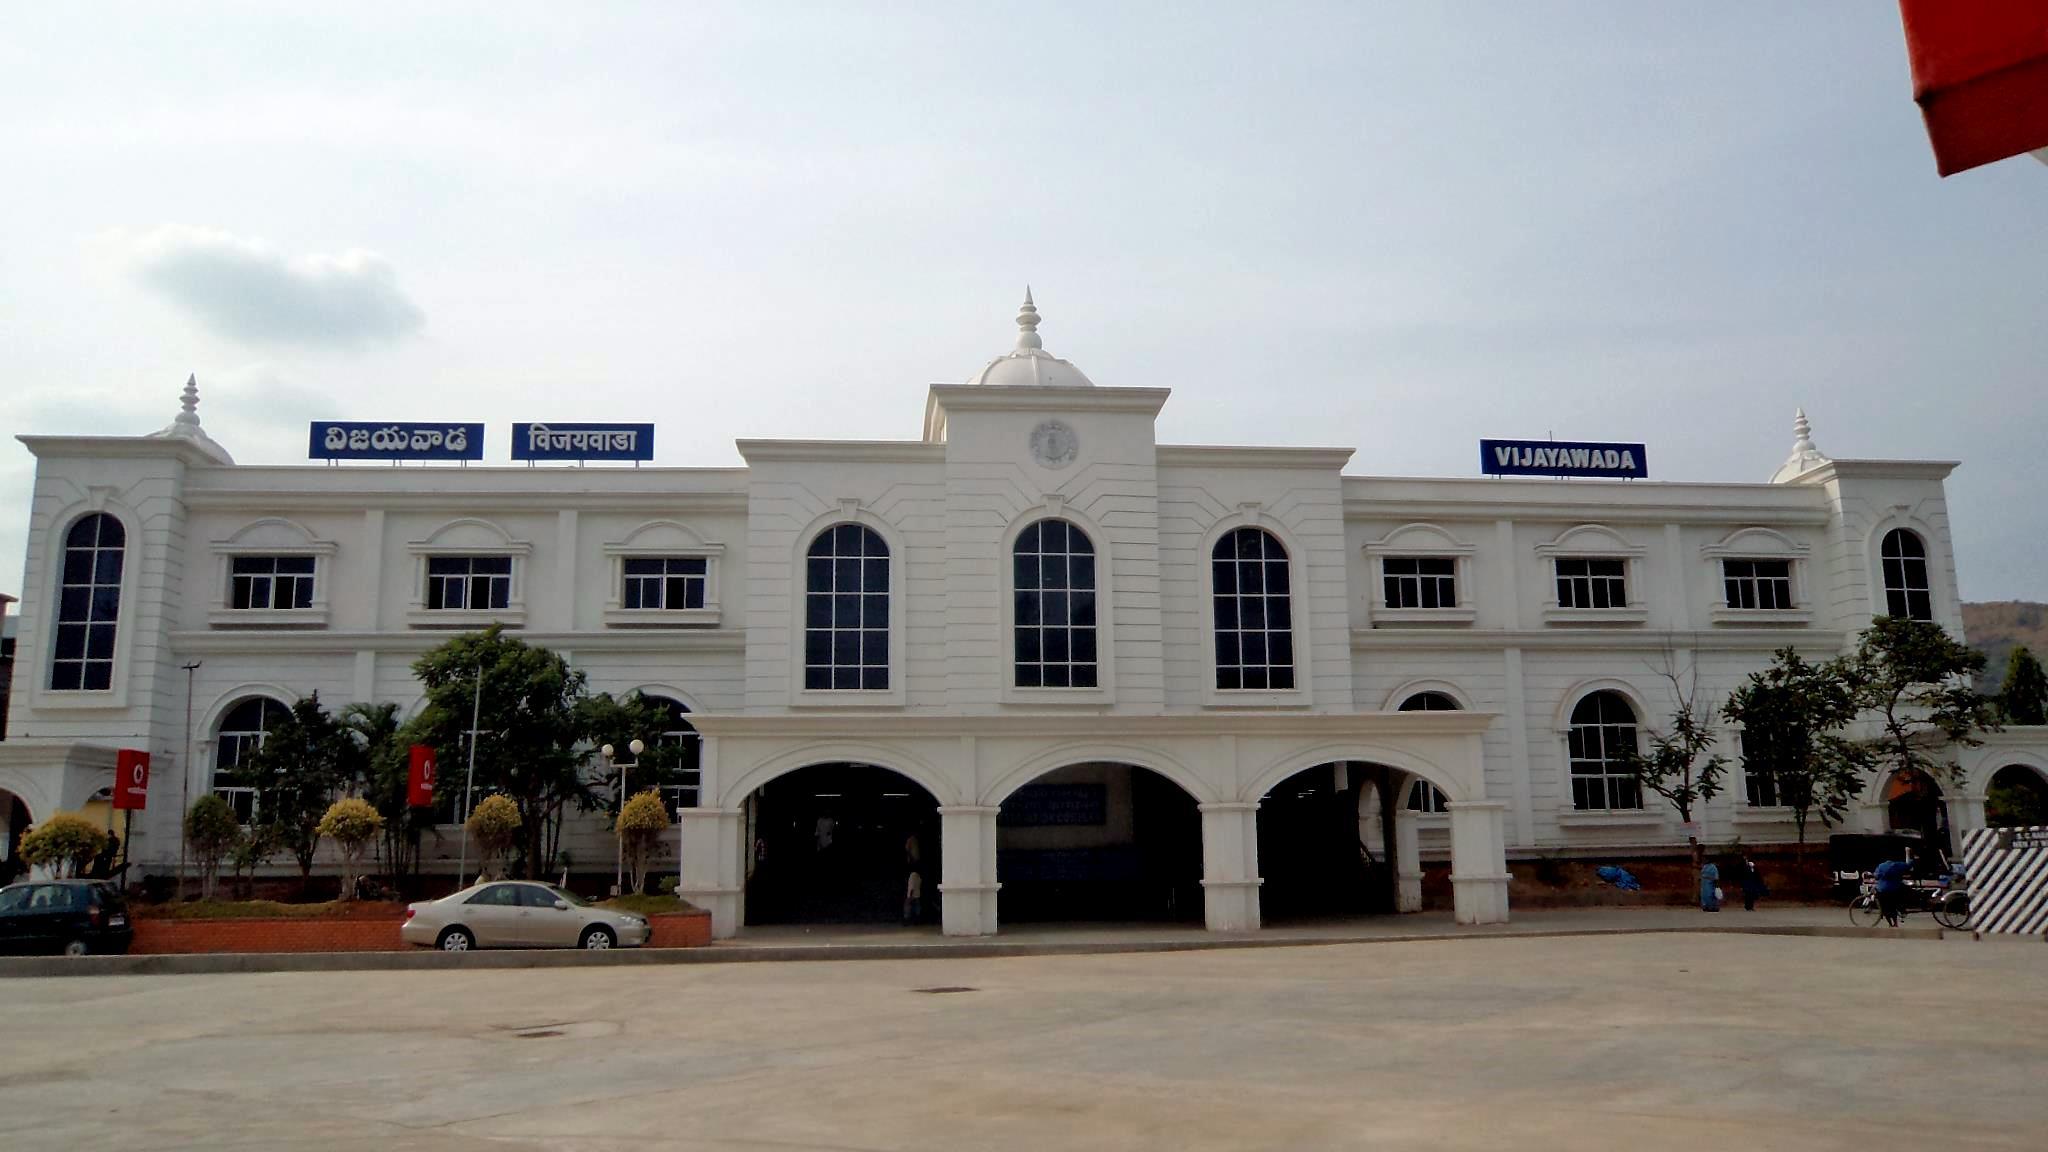 VijayawadaRailwayStation